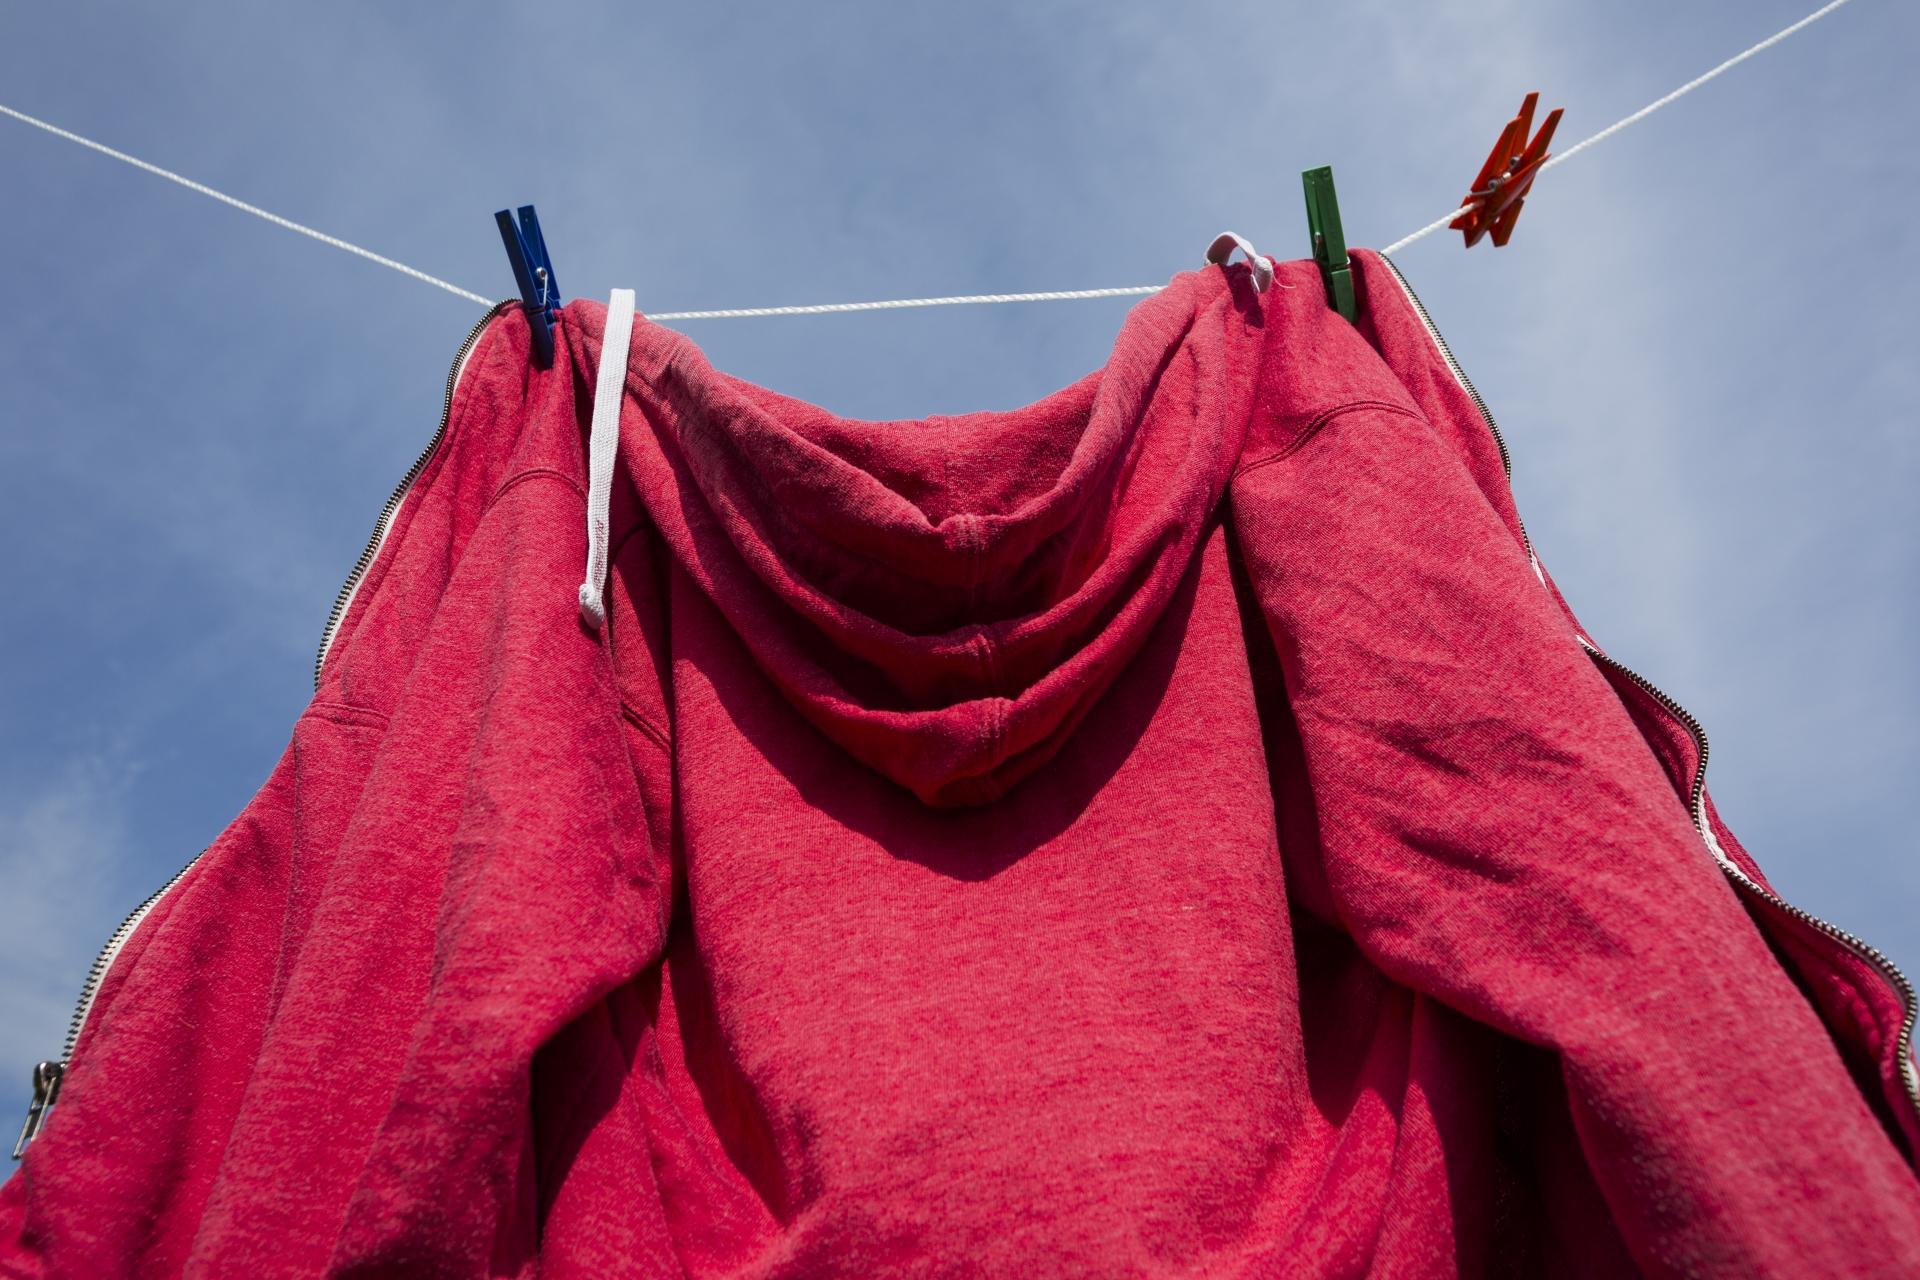 パーカーを洗濯すると伸びる?正しい洗い方と干し方をご紹介!